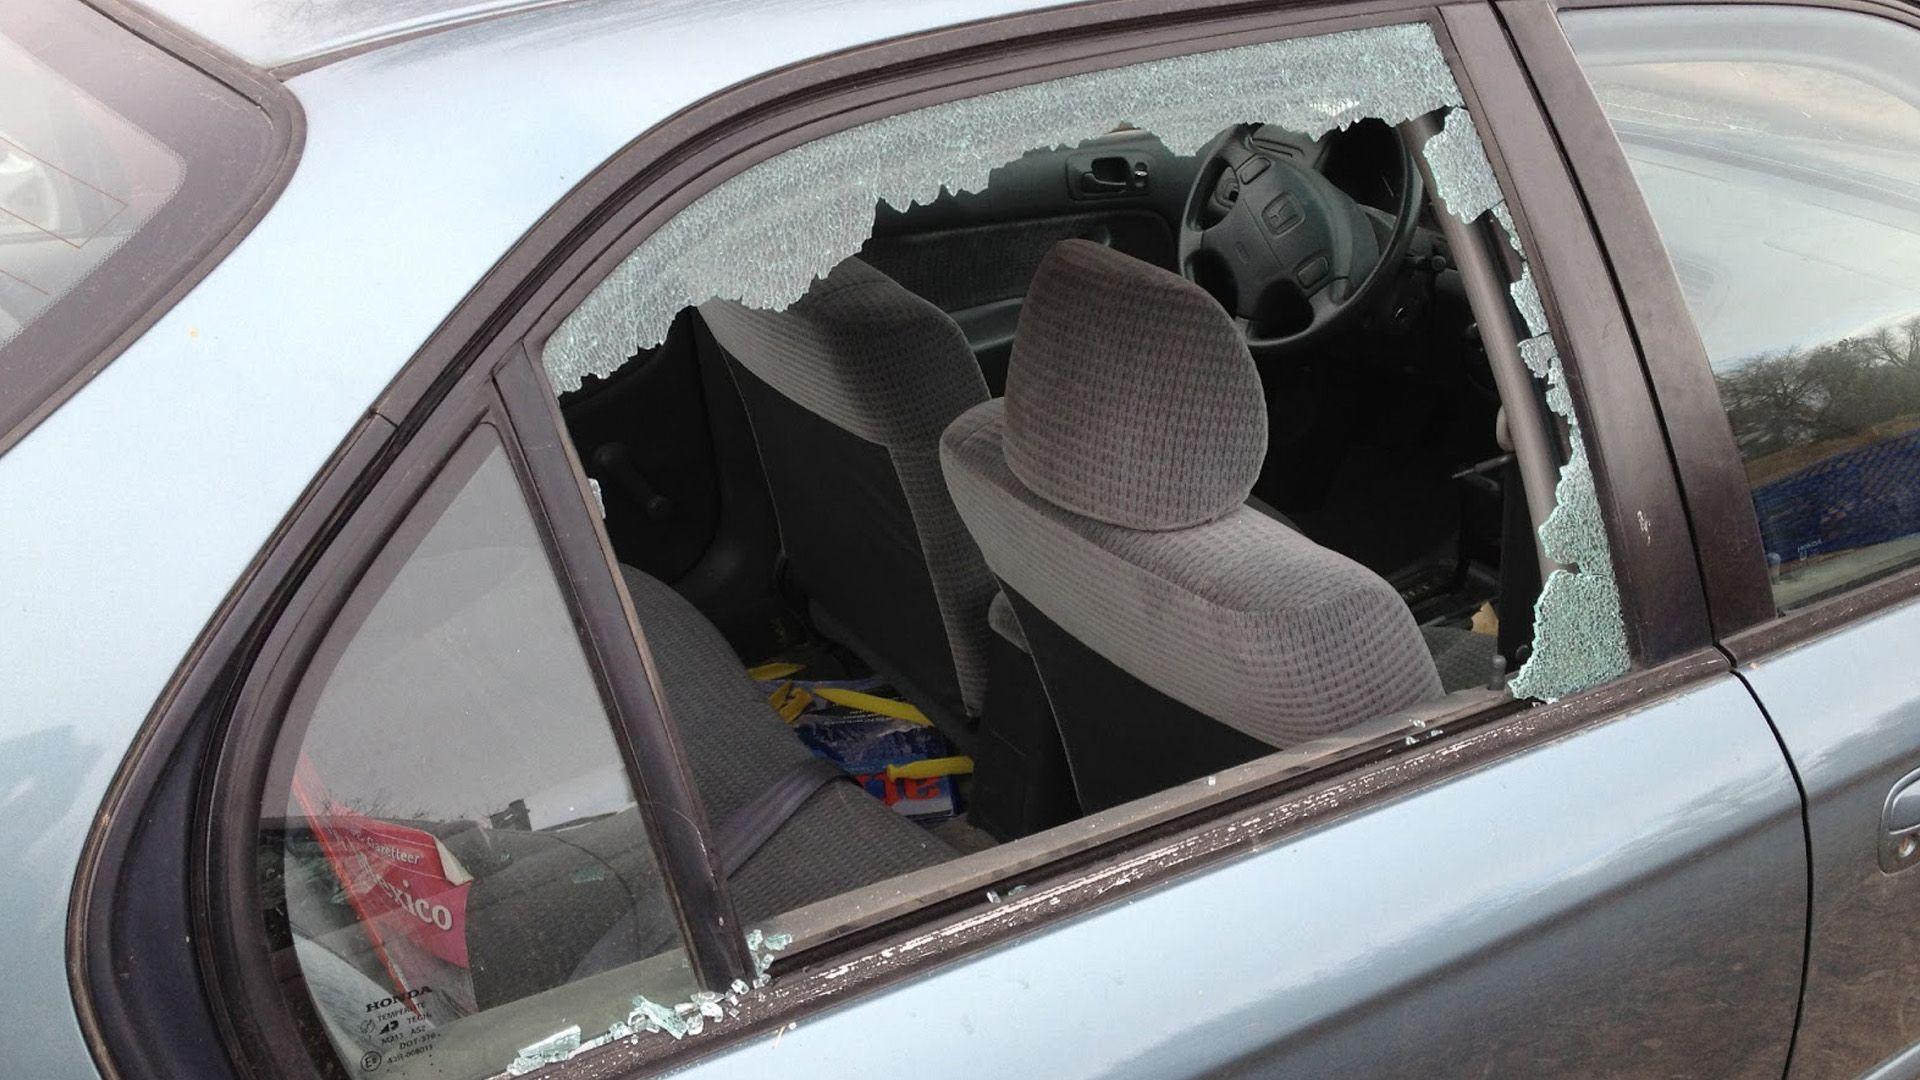 ventanas coche roto